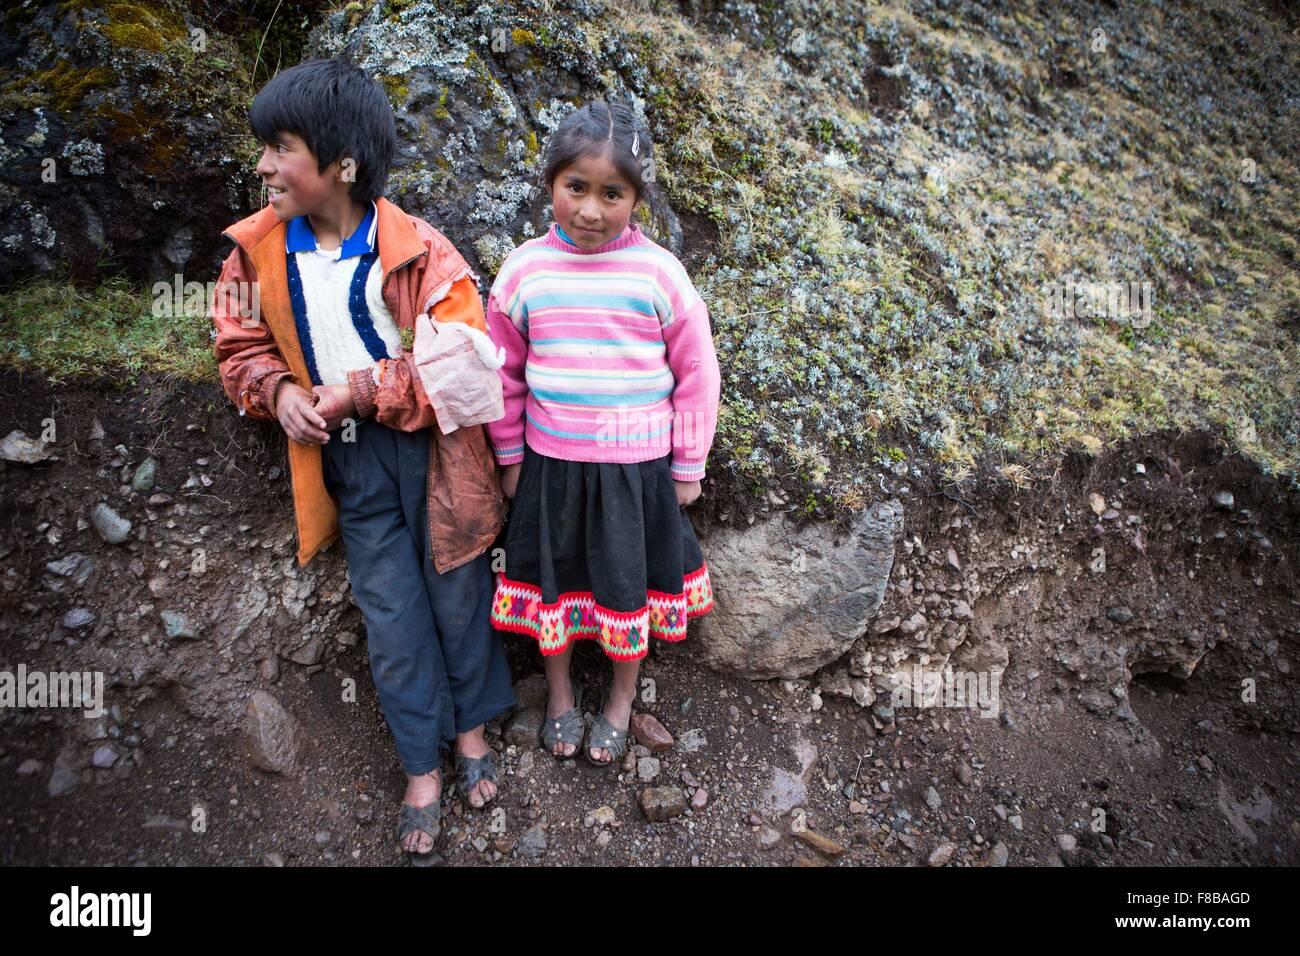 Les Lares District de Pérou. Un frère et une sœur rencontrés par le photographe sur un trek de Lares Photo Stock